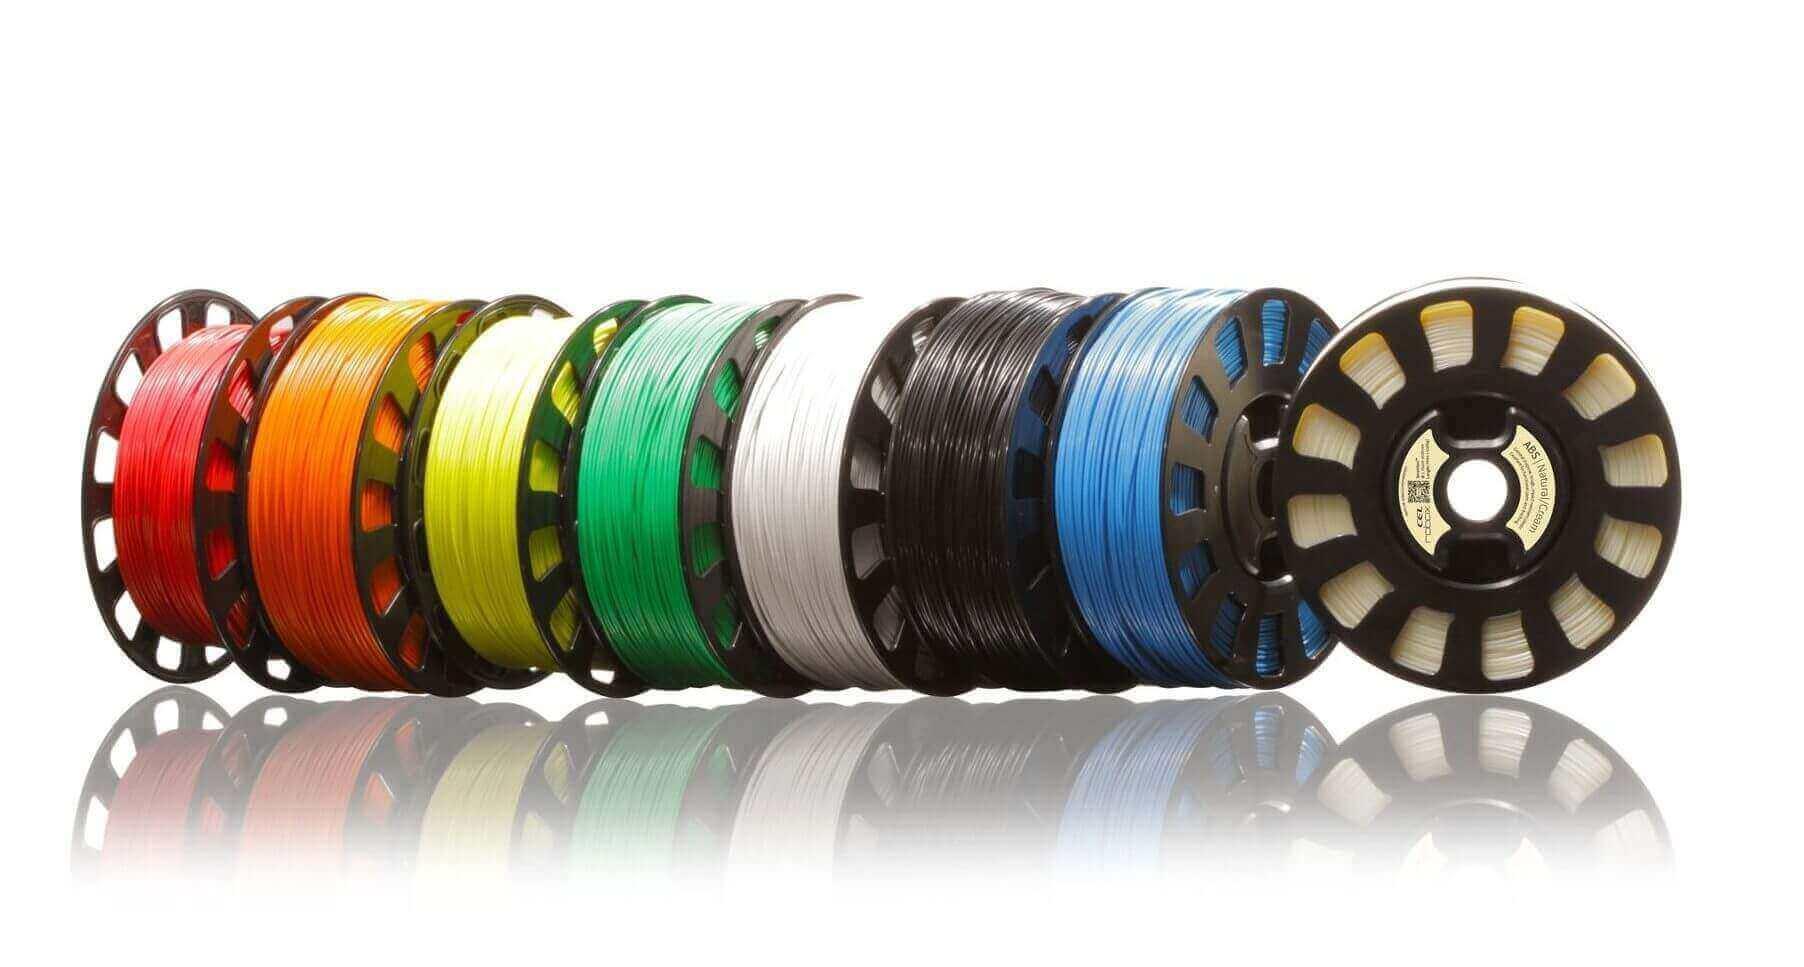 RBX_filament_lineup_fullframe1-e1431954932936